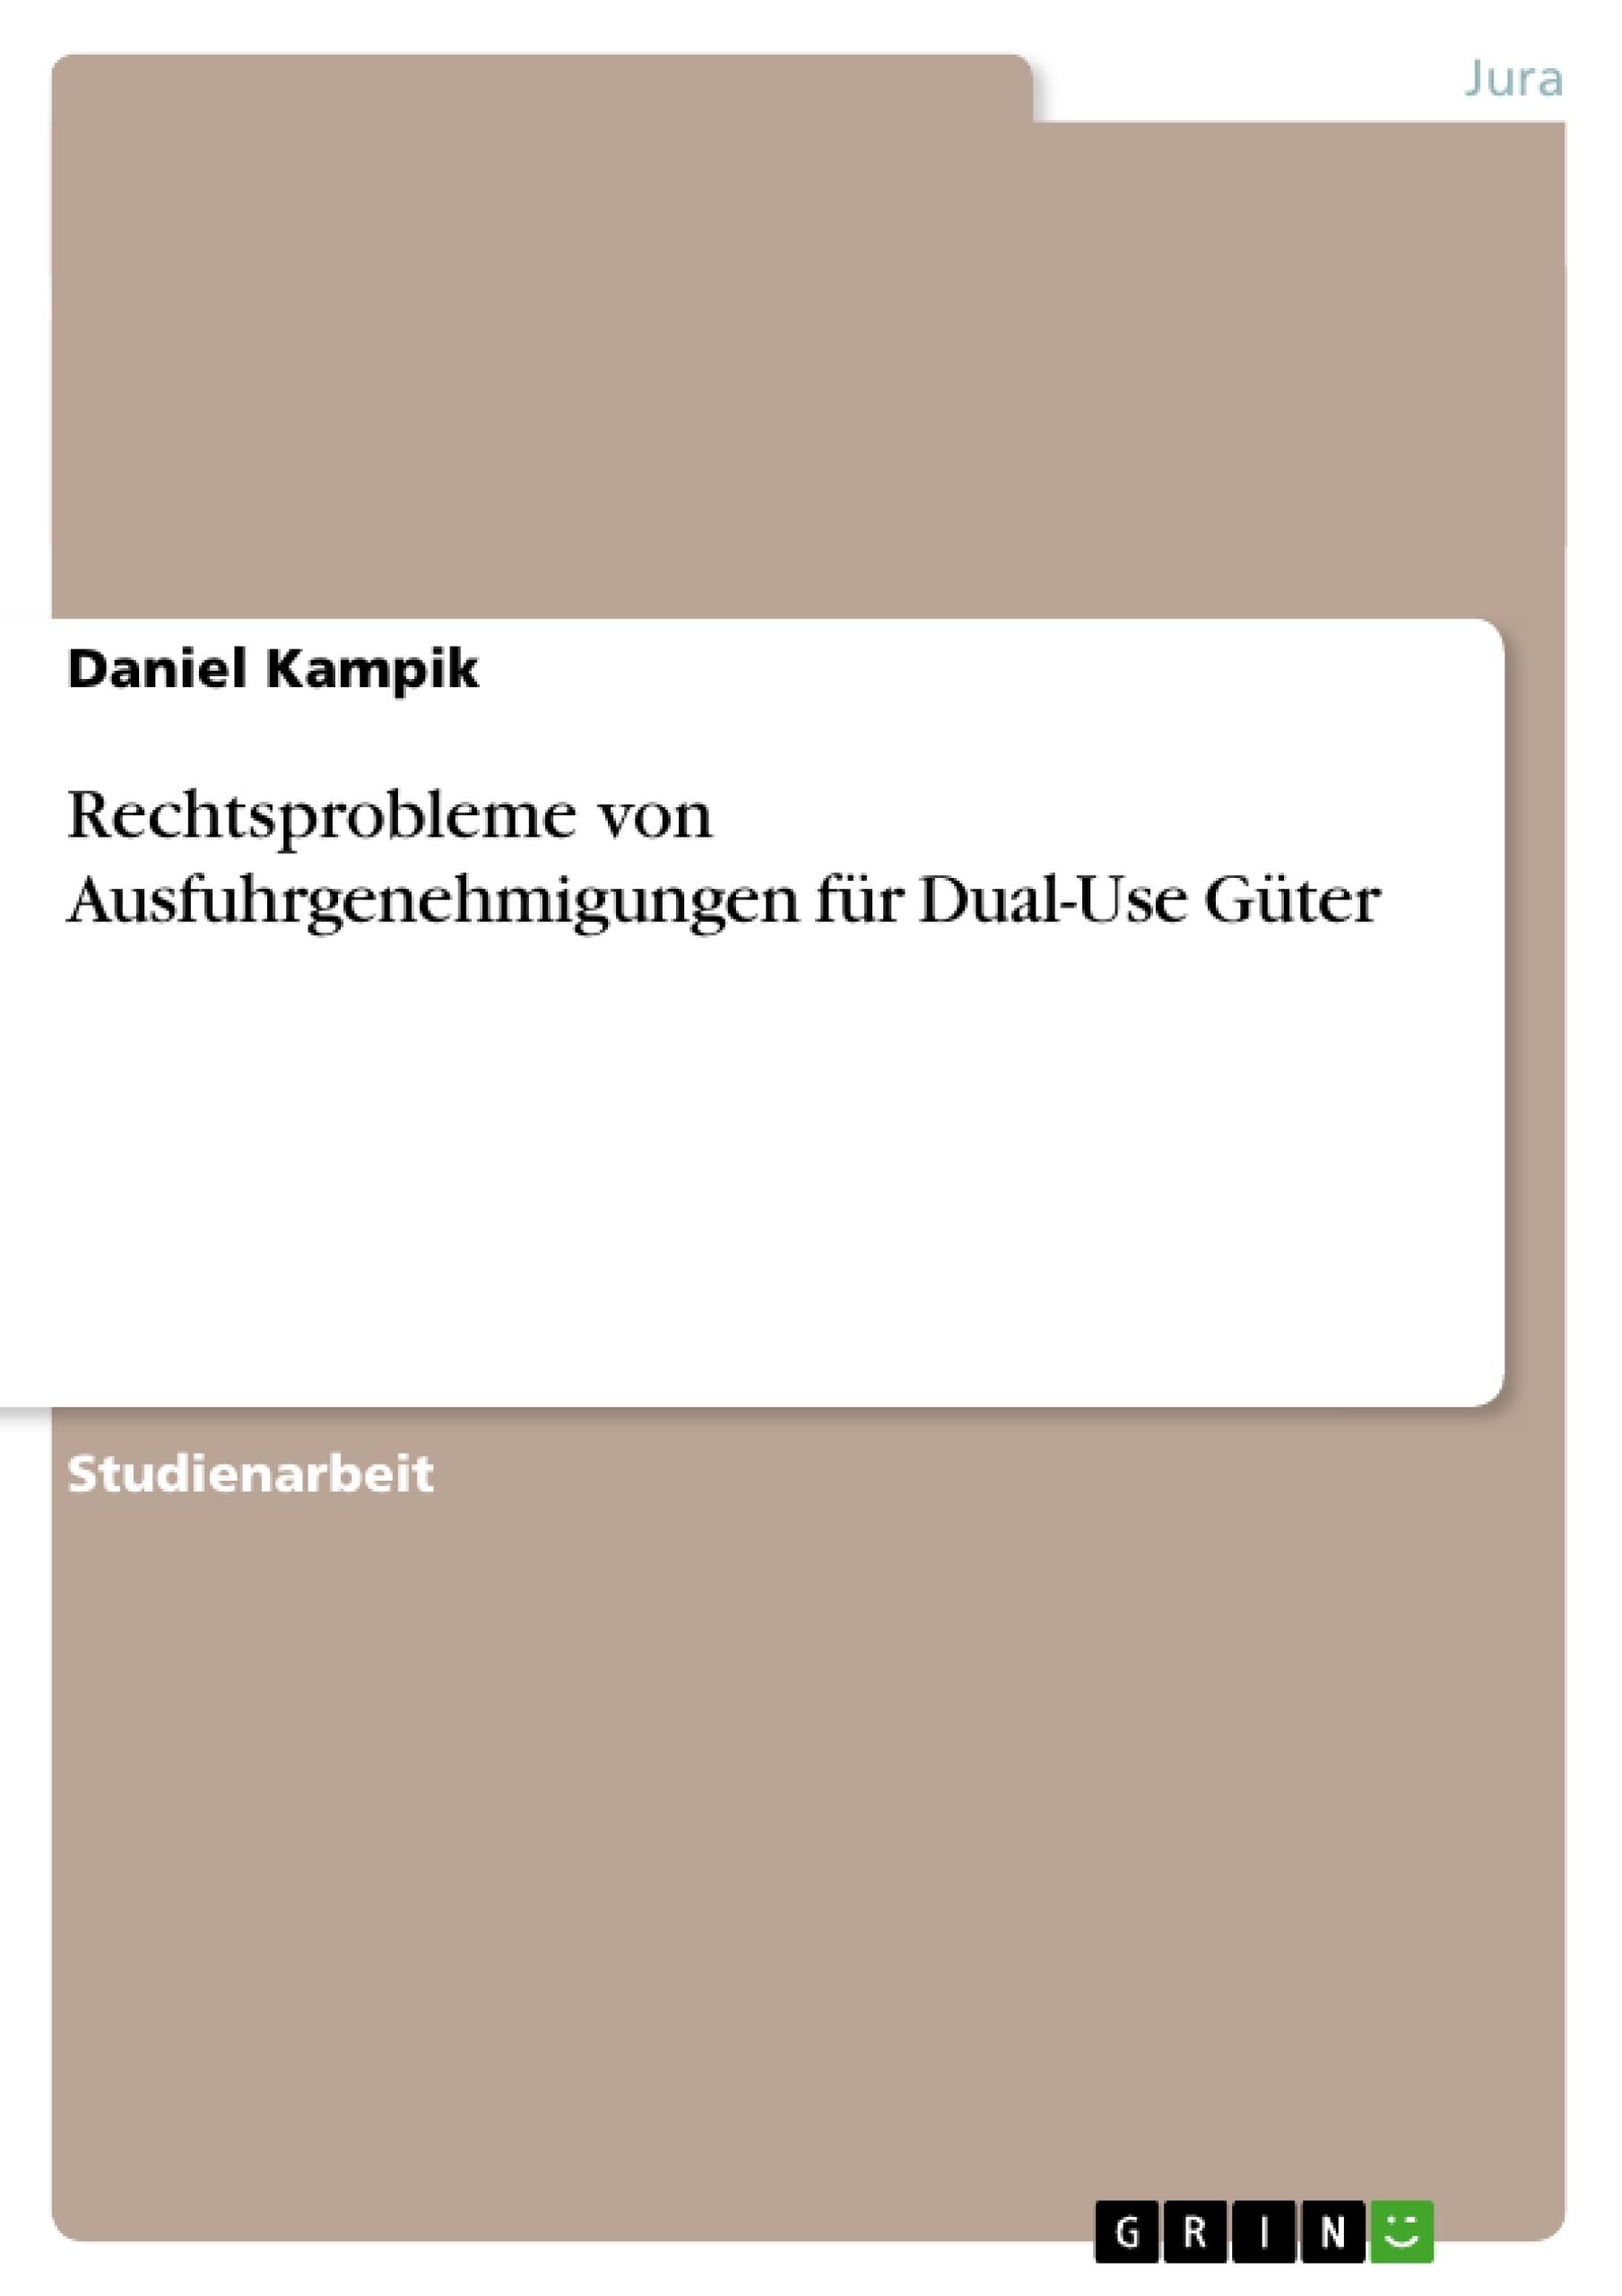 Titel: Rechtsprobleme von Ausfuhrgenehmigungen für Dual-Use Güter